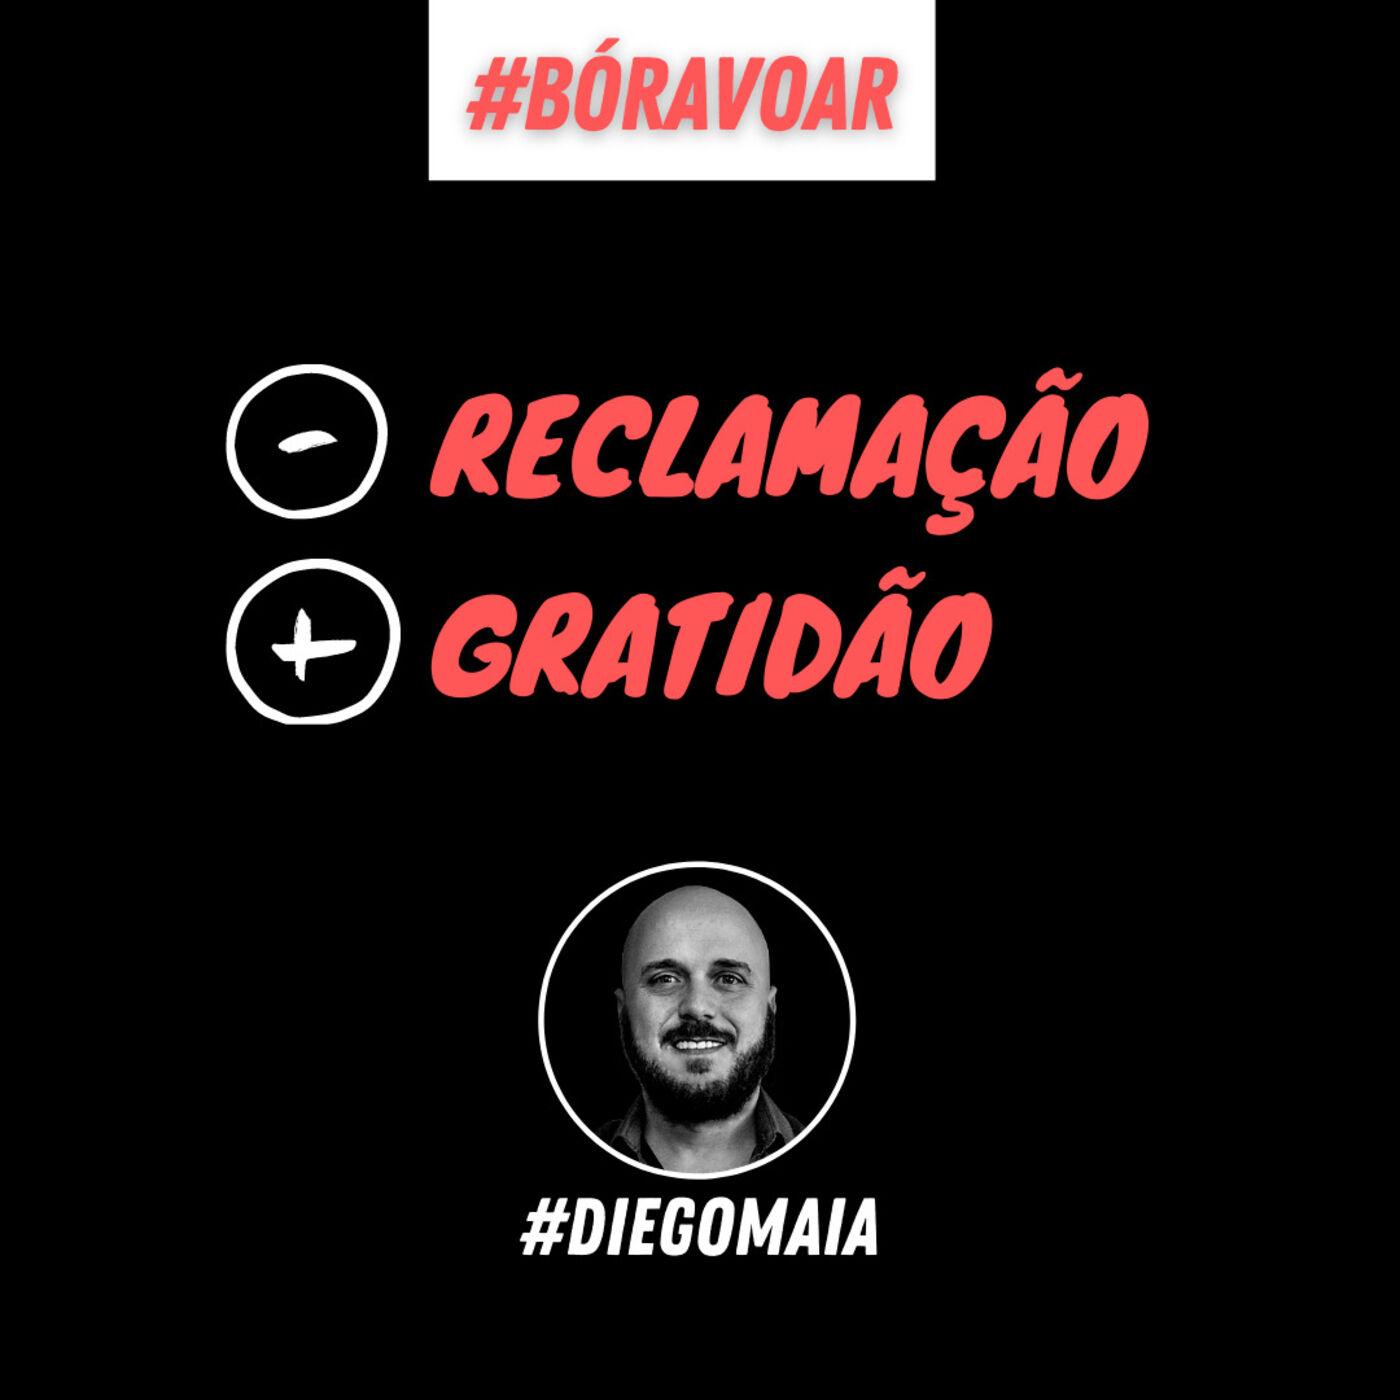 Menos reclamação, mais gratidão | Diego Maia | BóraVoar | Motivação